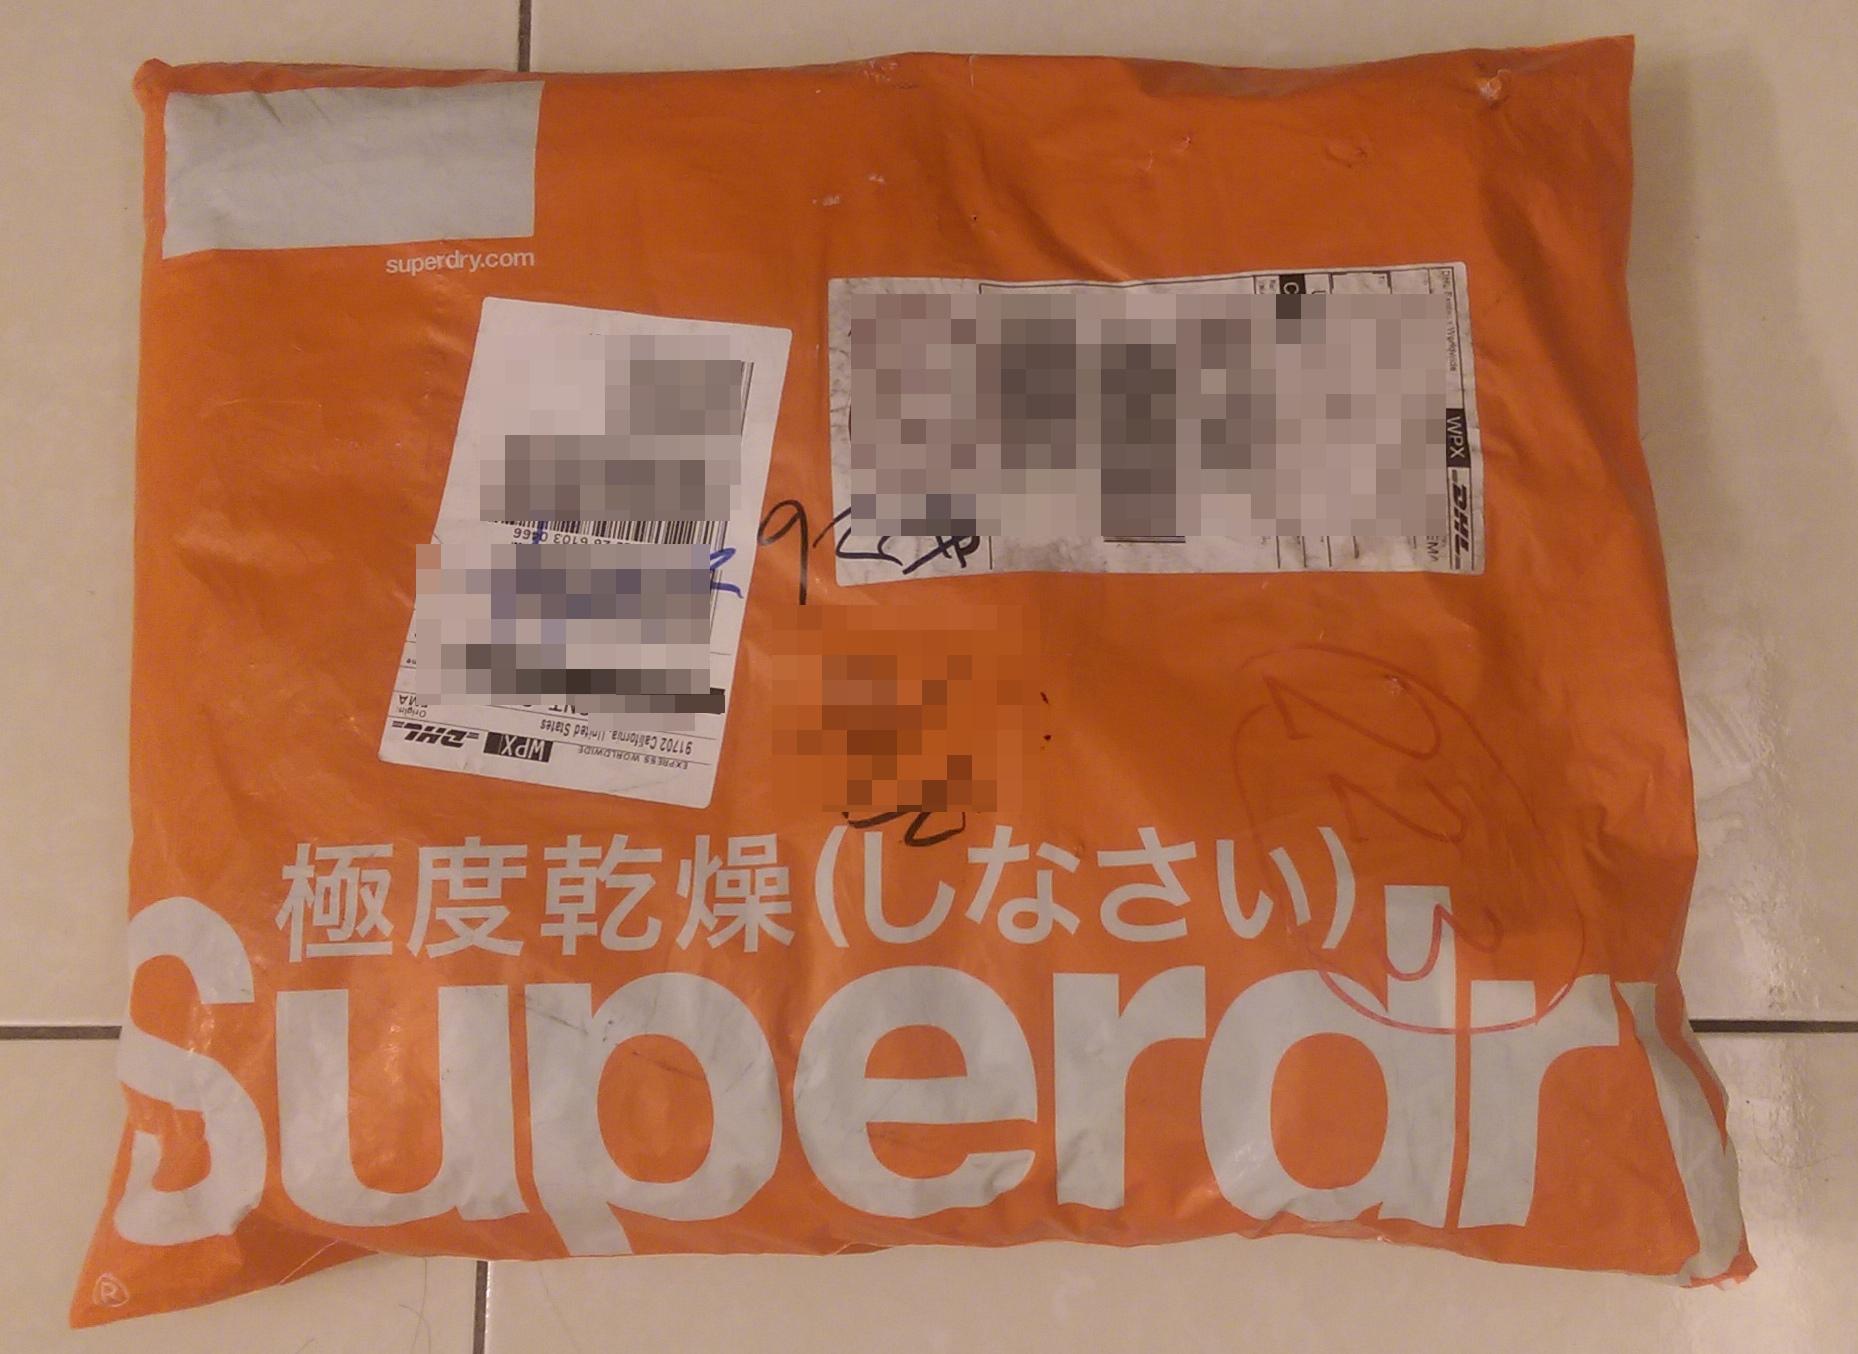 Superdry包裹